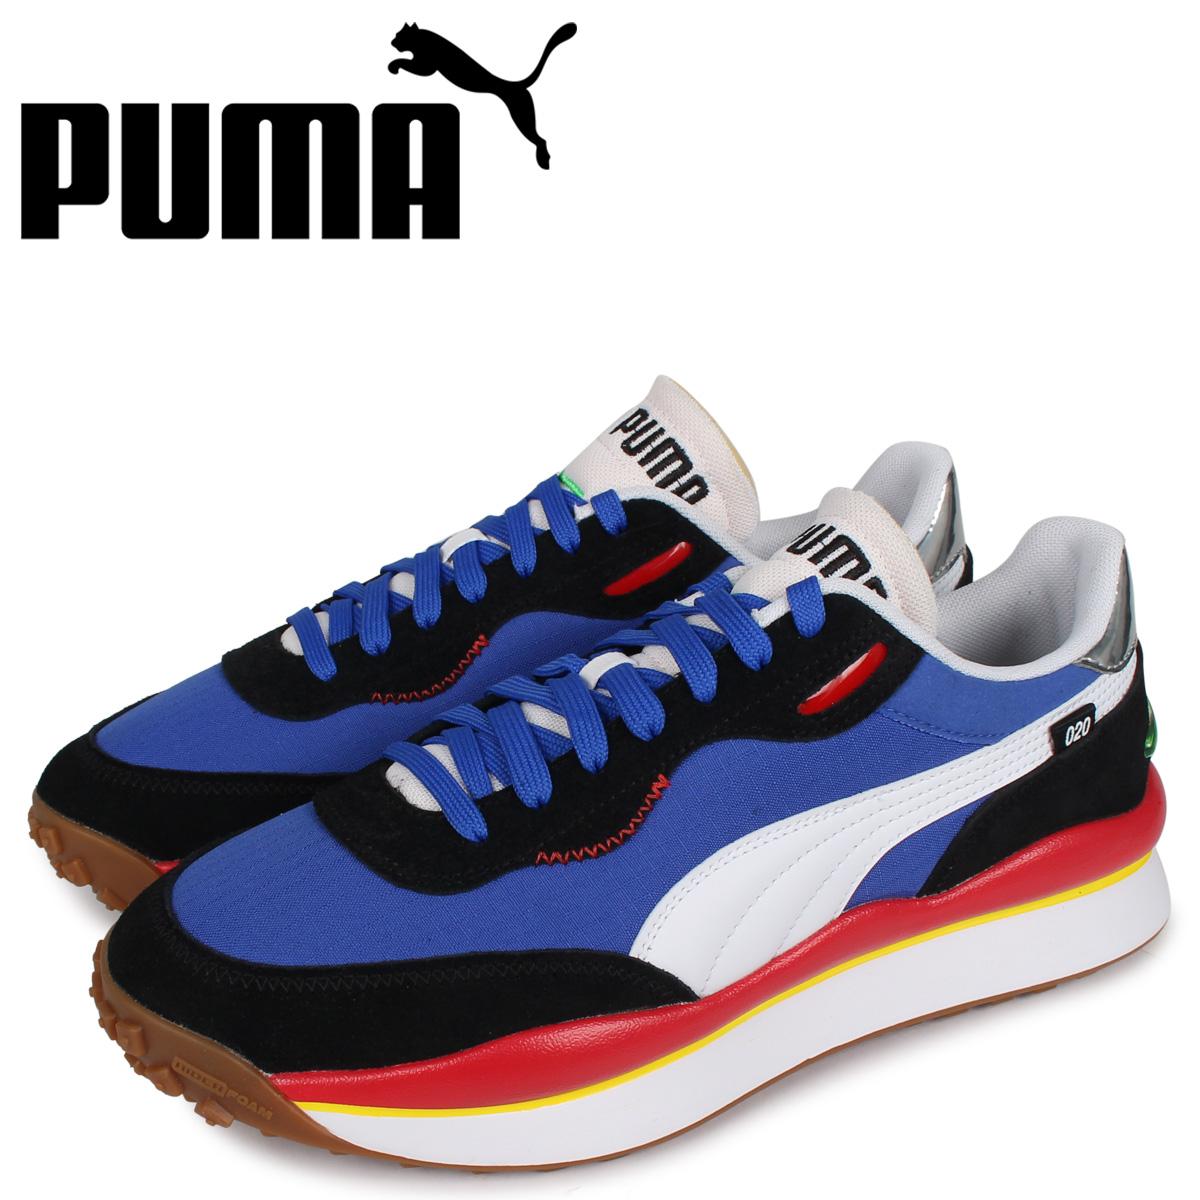 PUMA プーマ スタイル ライダー スニーカー メンズ STYLE RIDER ホワイト 白 37115001